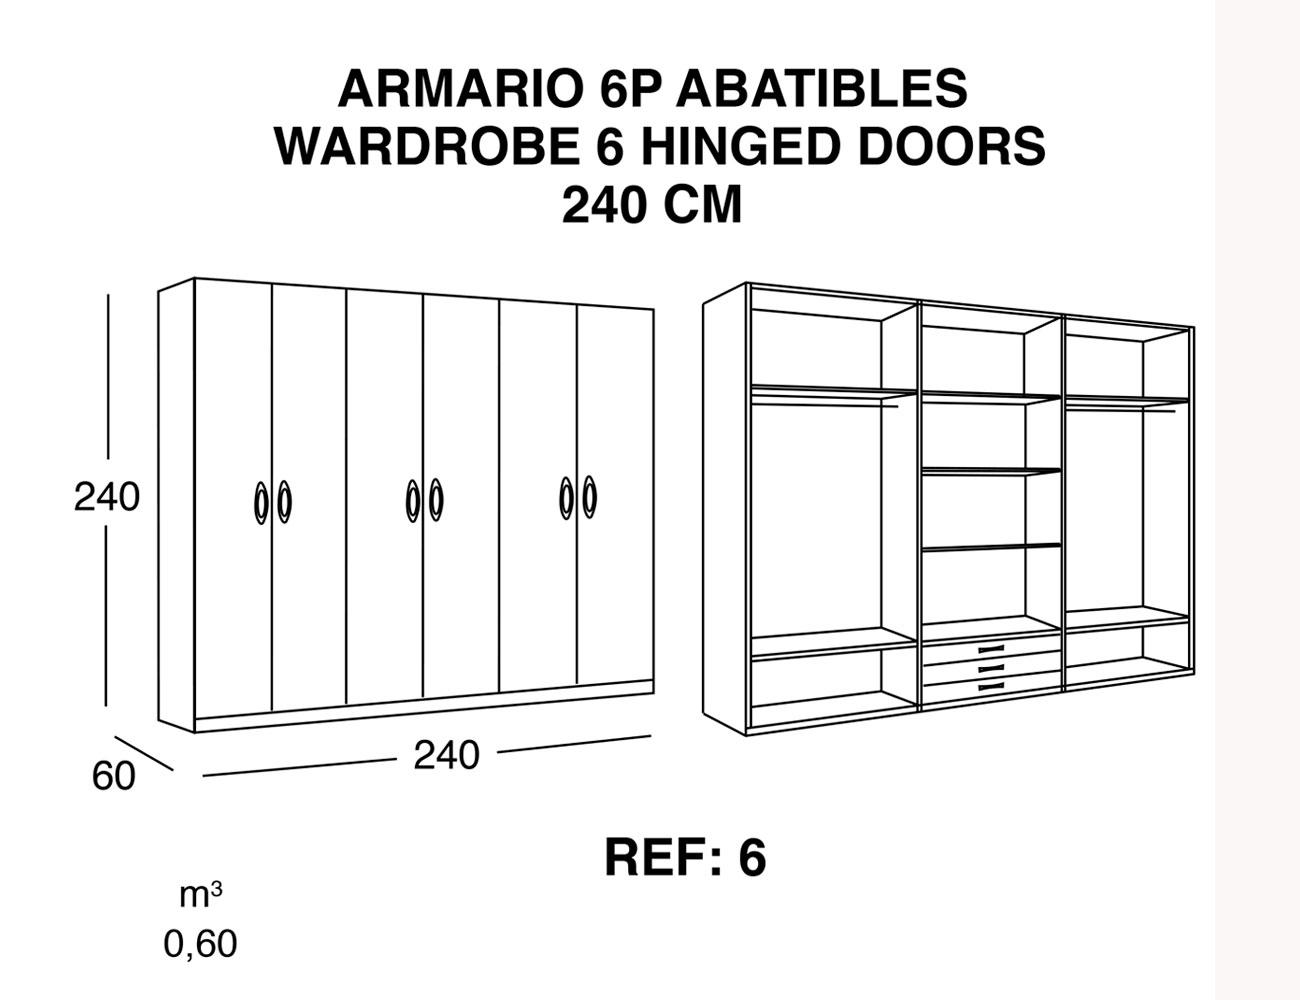 Armario de 3 puertas correderas de 240 cm 21380 - Puertas correderas o abatibles ...